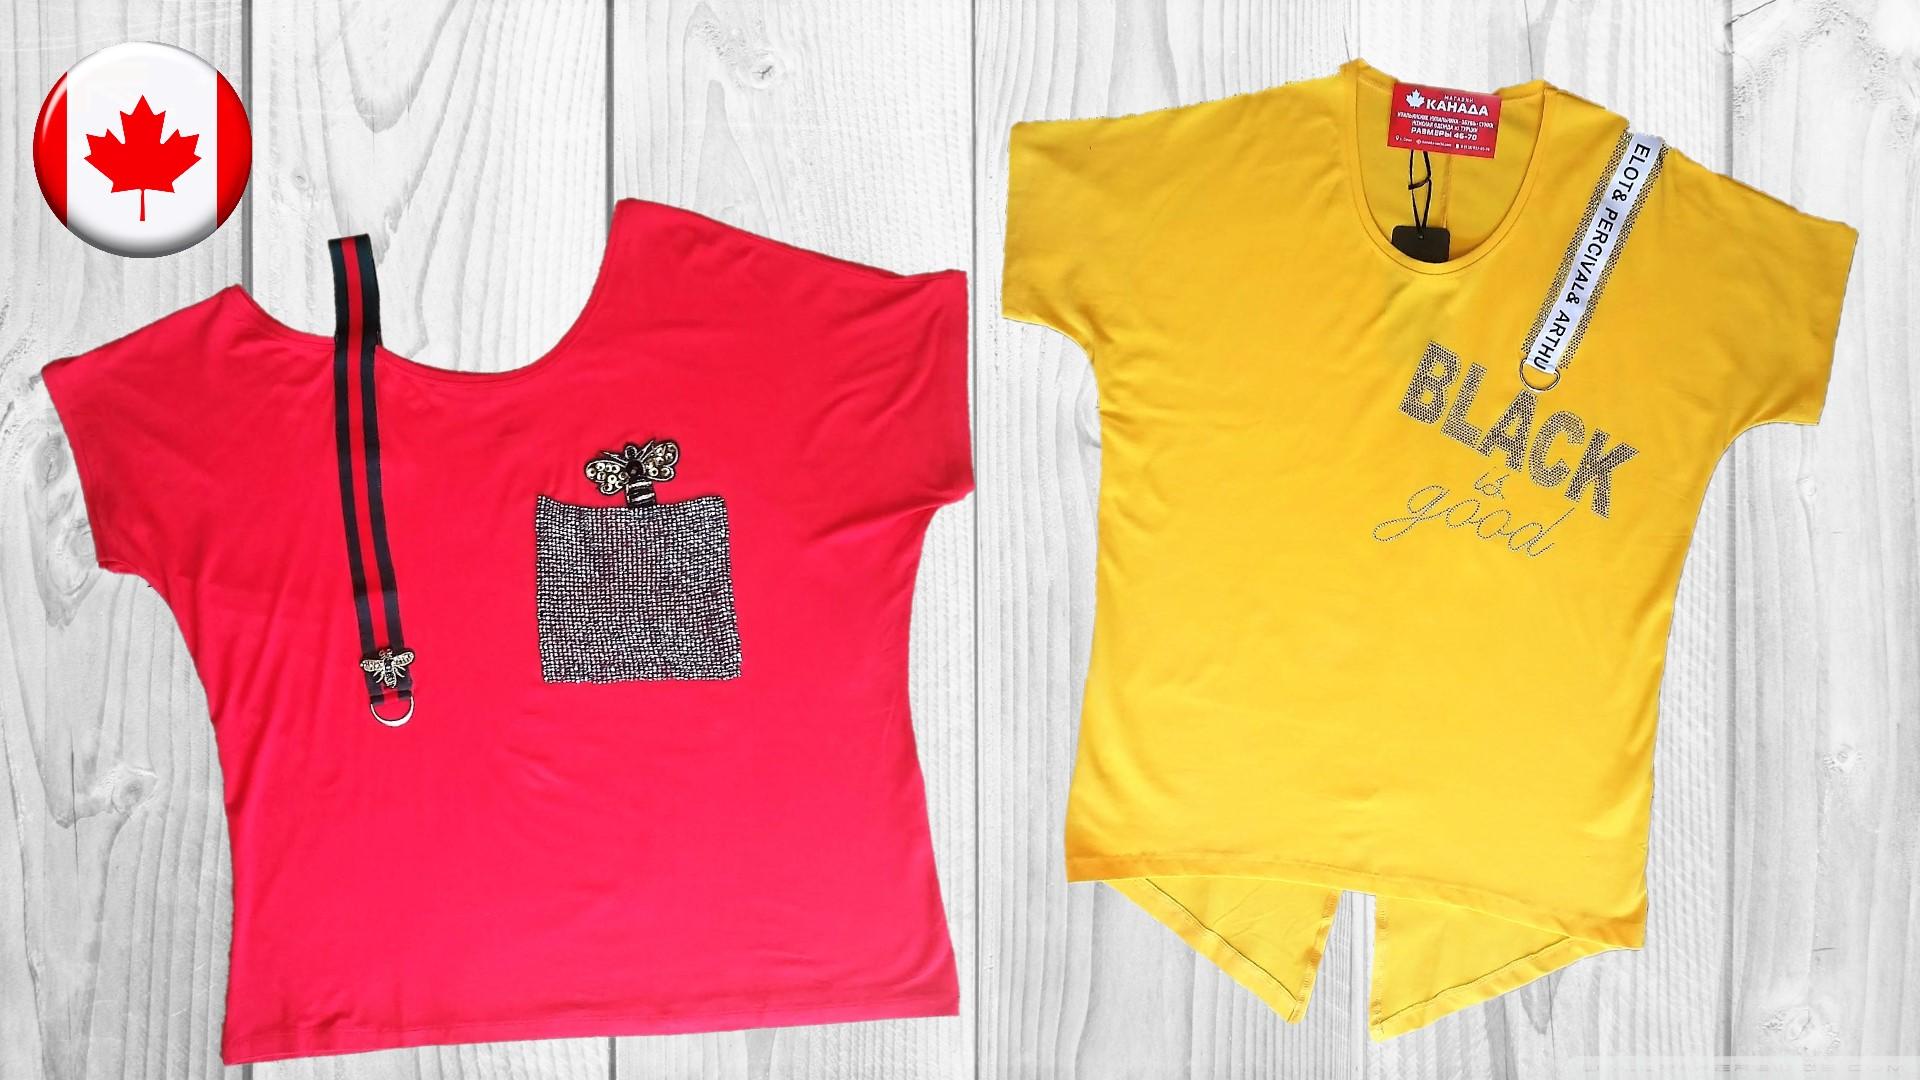 Женская одежда в Сочи и Махачкале - майки, блузы, футболки из Турции - магаазин женской одежды большие размеры